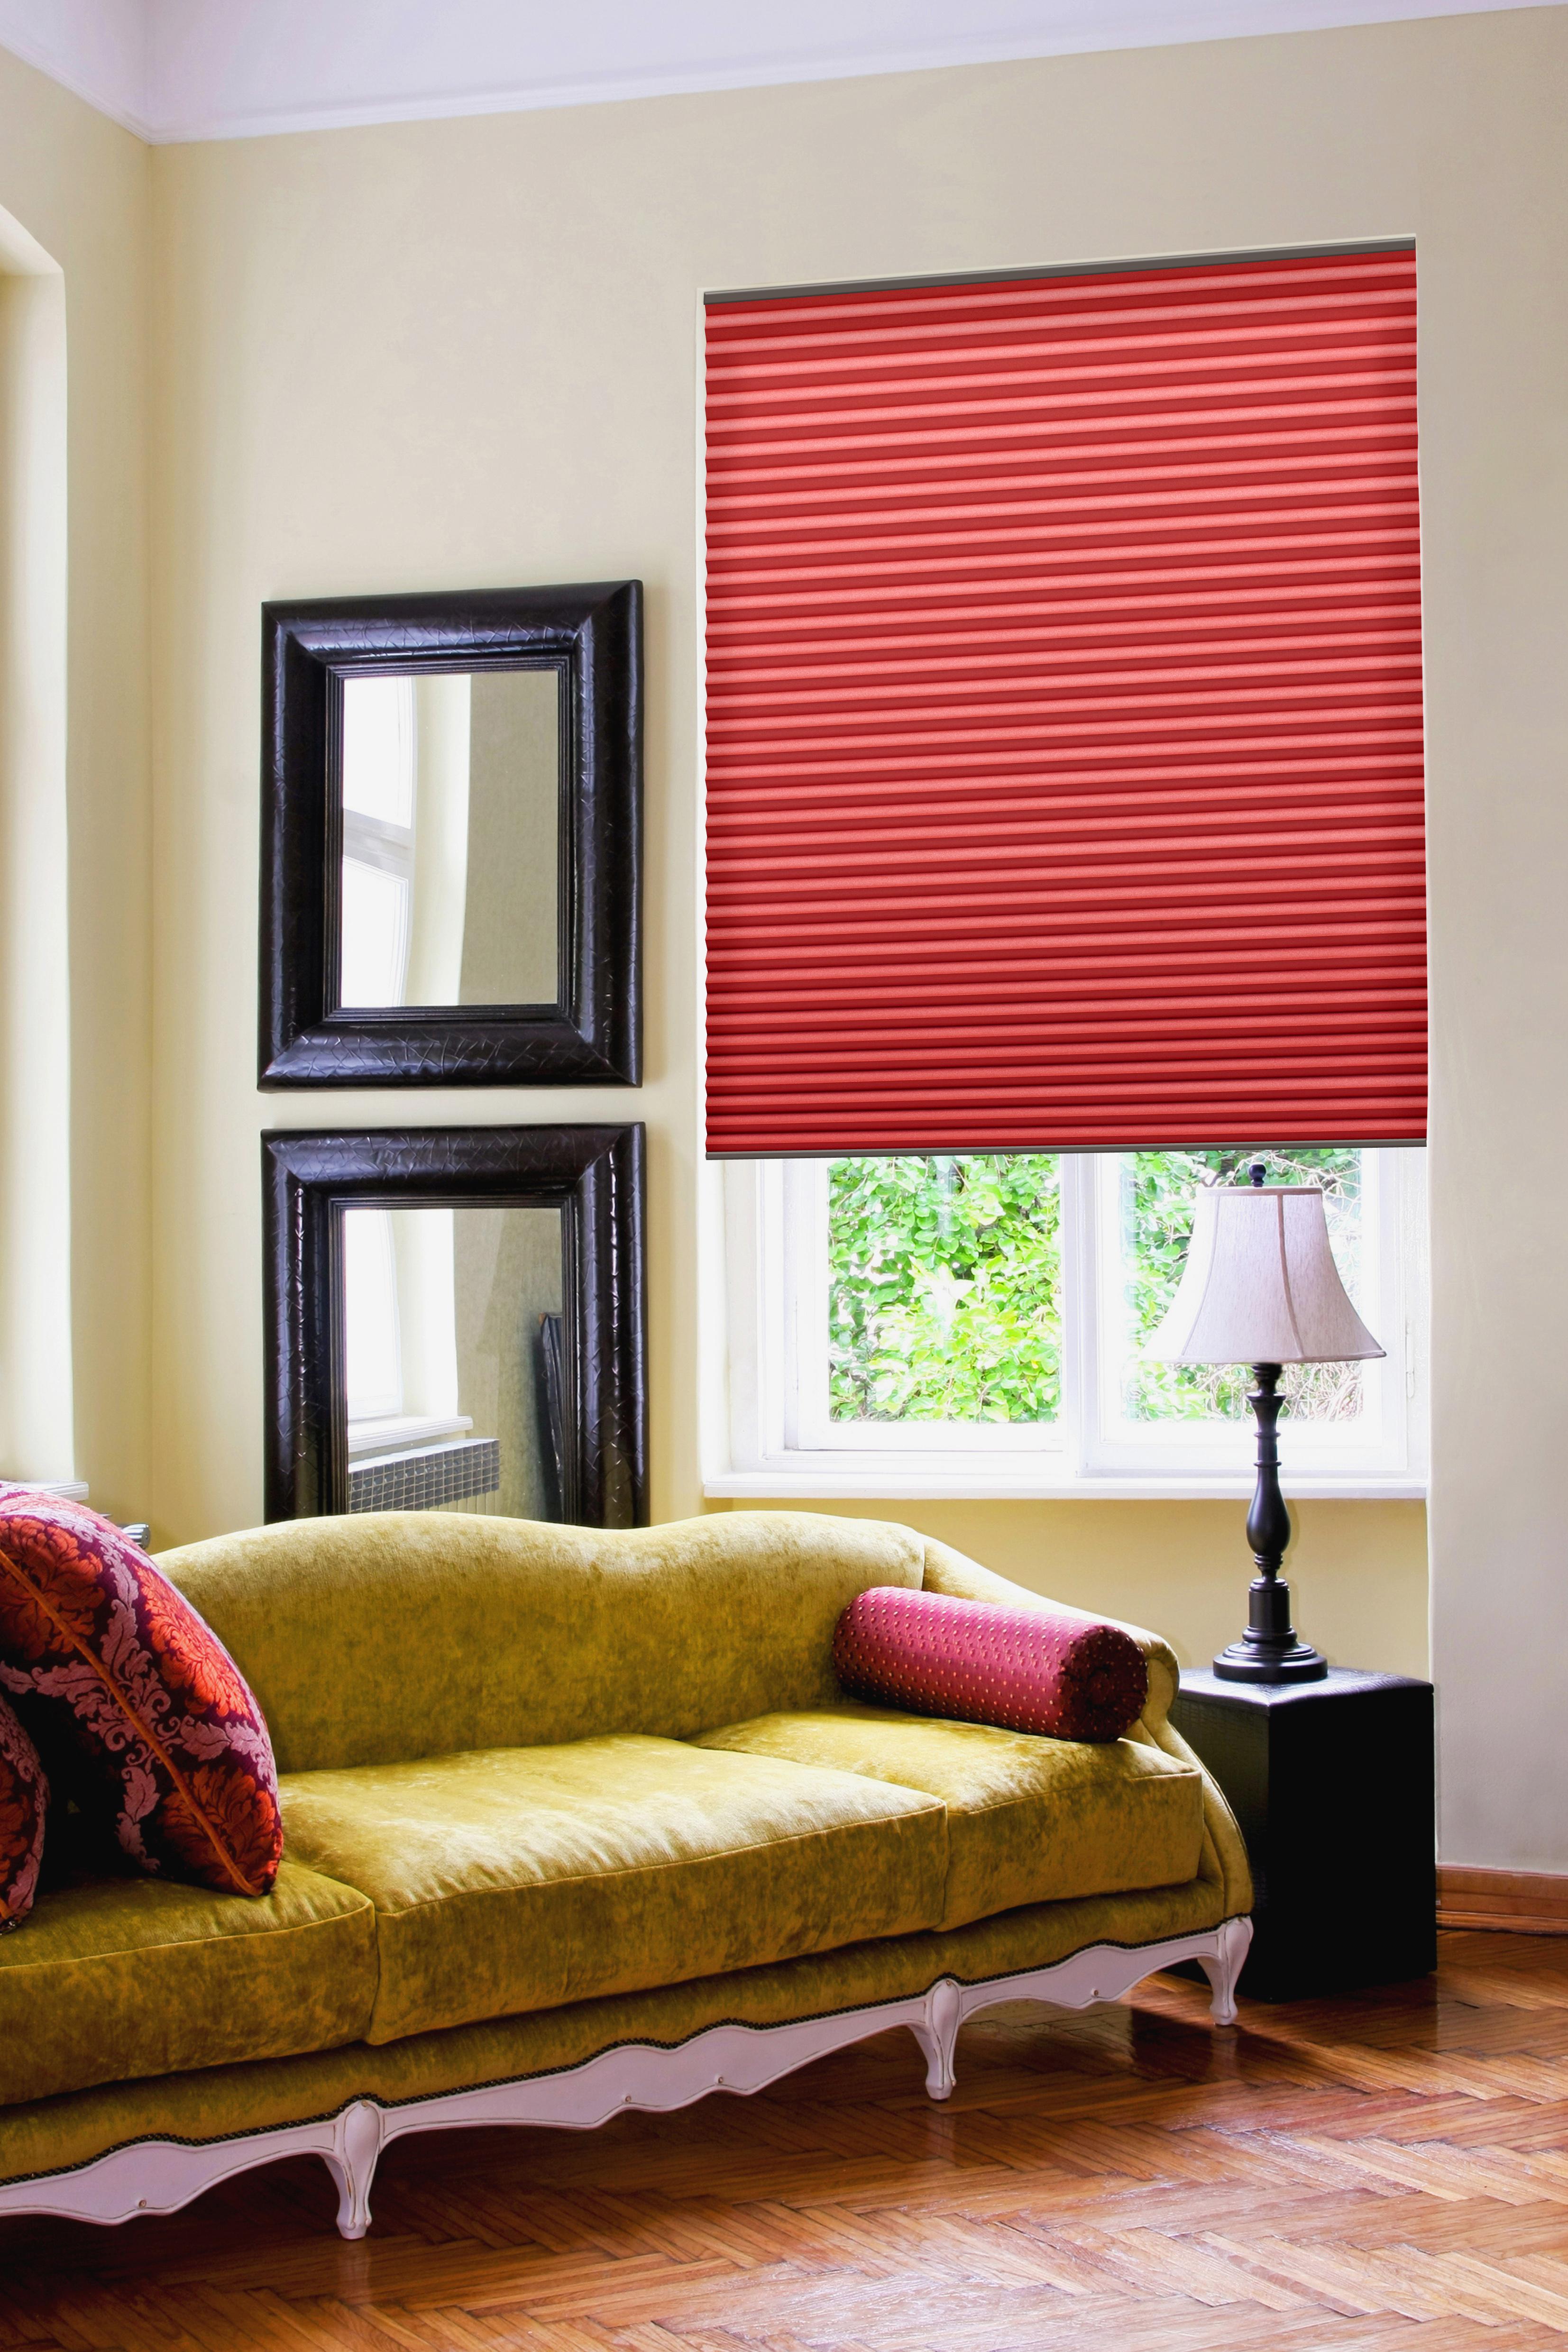 Sichtschutz Fenster Blickdicht bei optimaler Lichtdurchlässigkeit